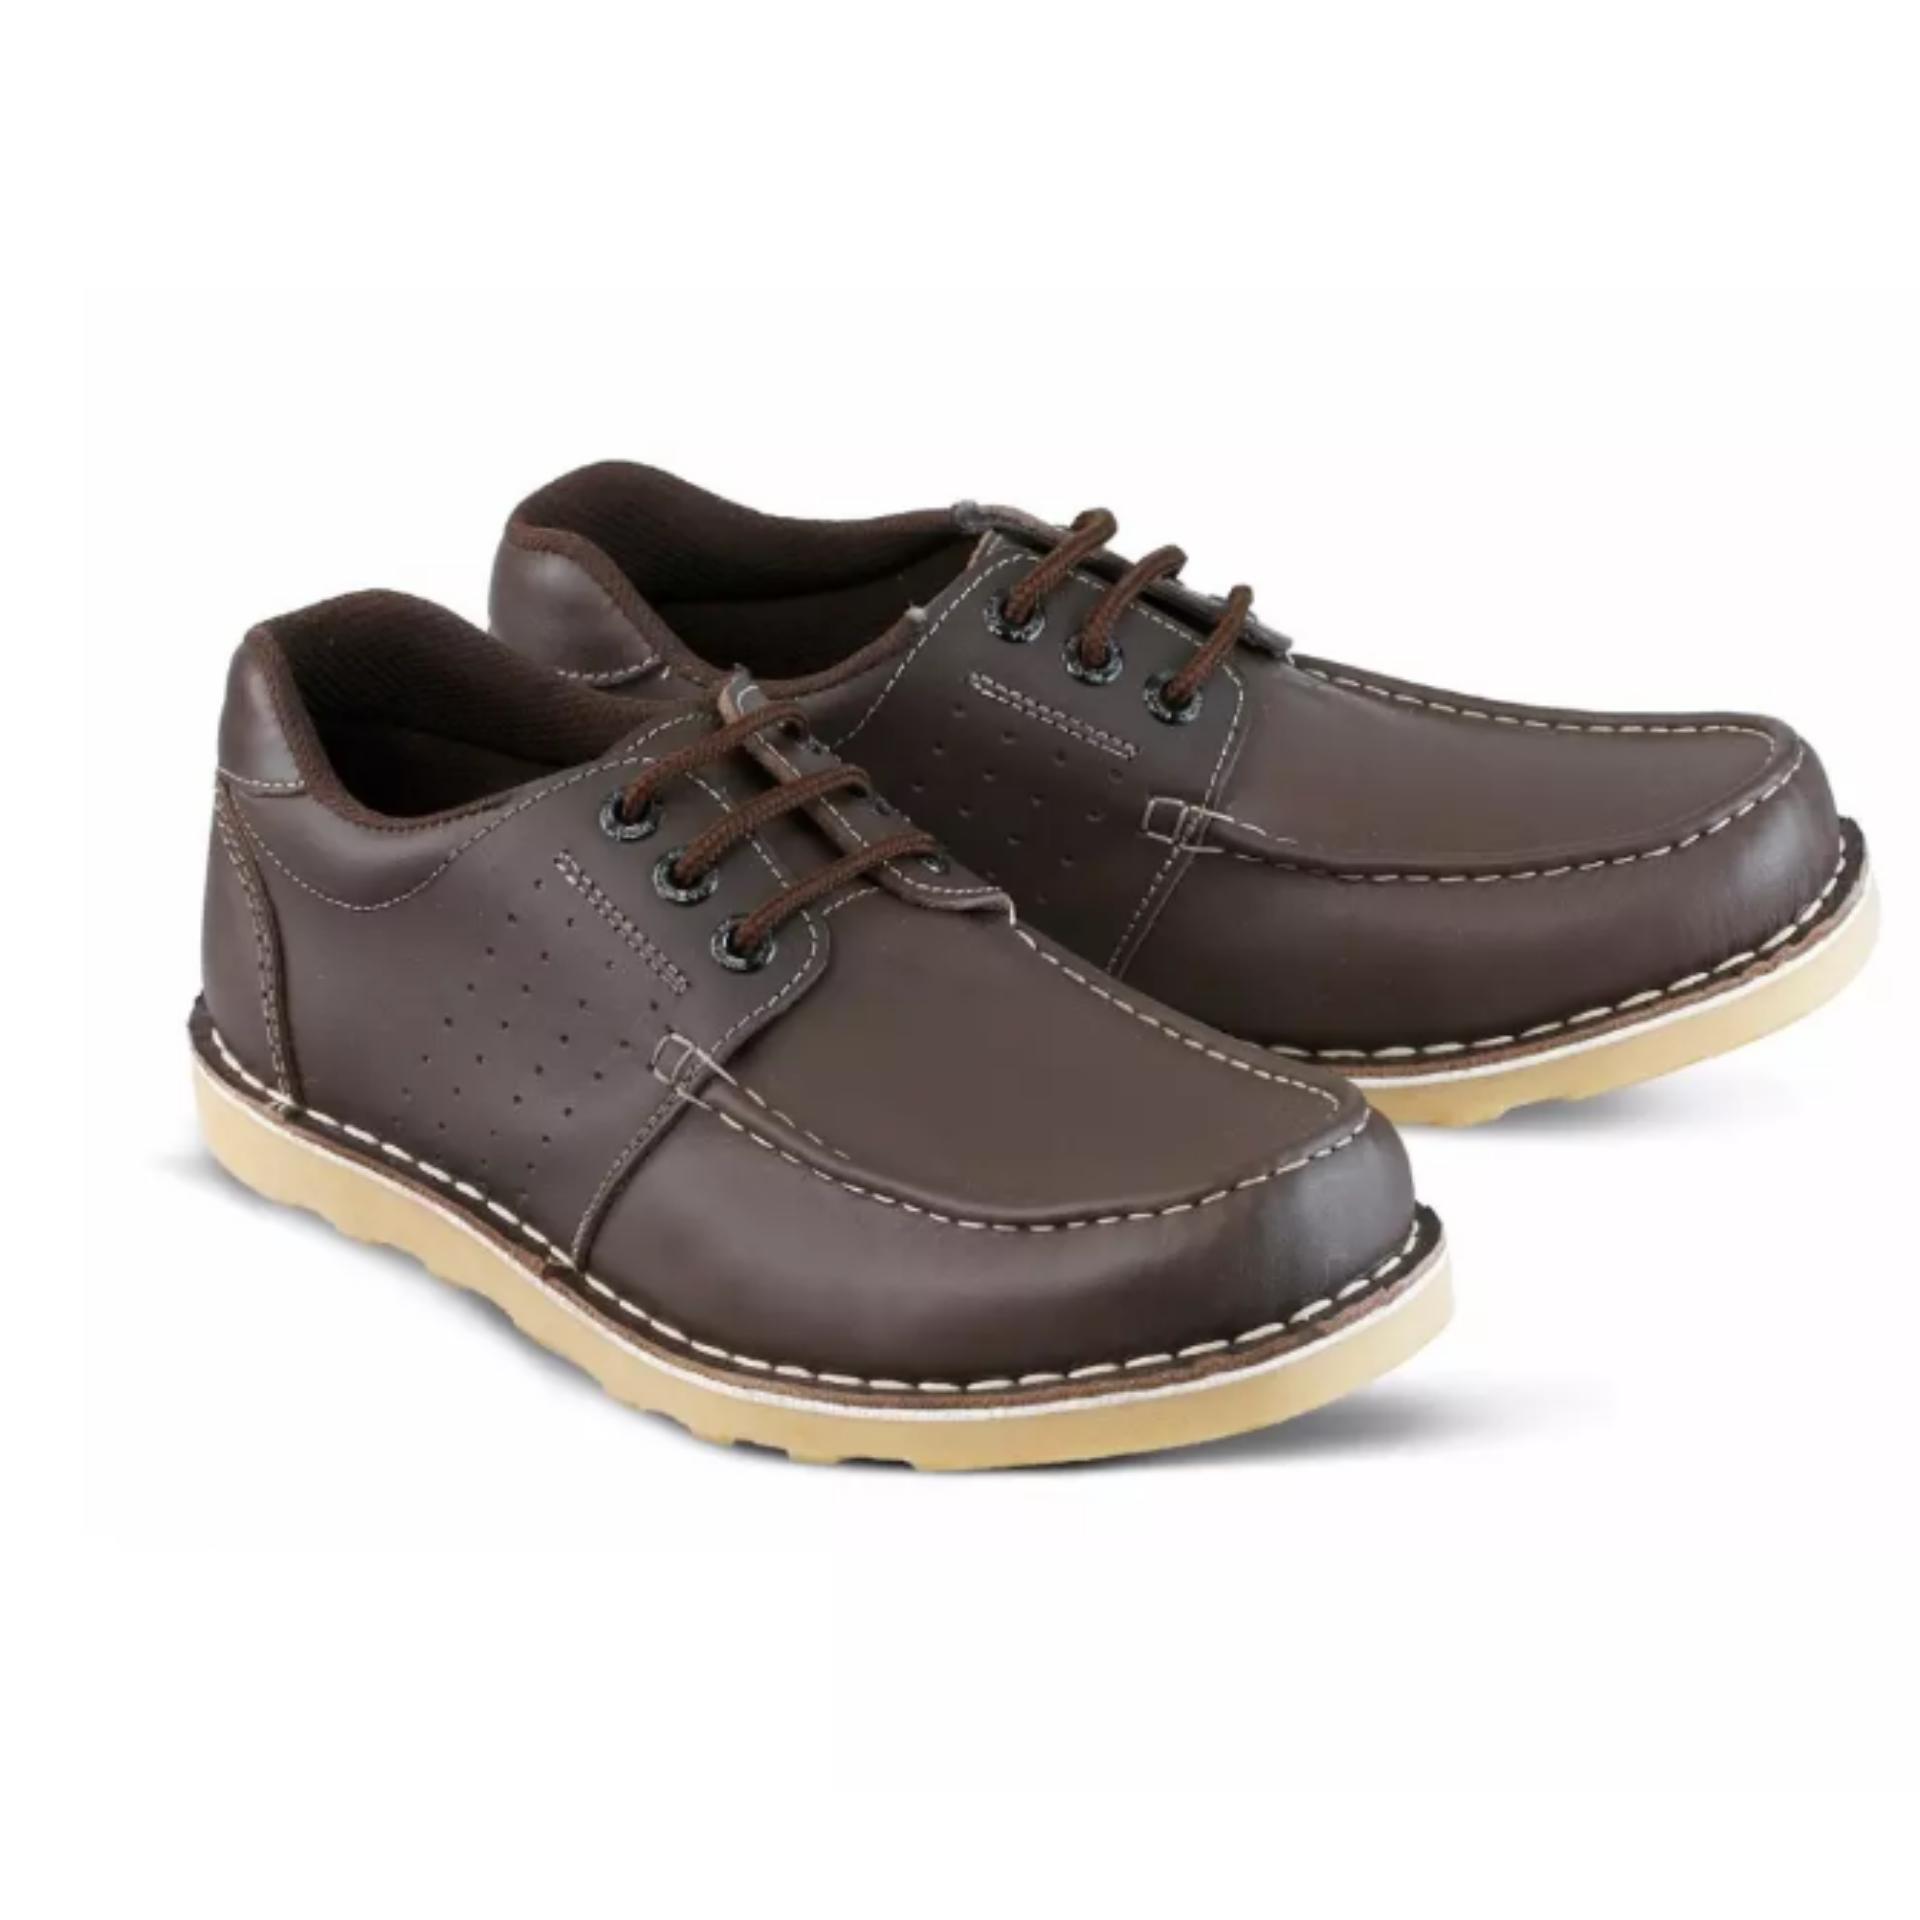 Sepatu Kulit Pria Sepatu Low Boot Pria Sepatu Kulit Cibaduyut Bandung Asli 7825